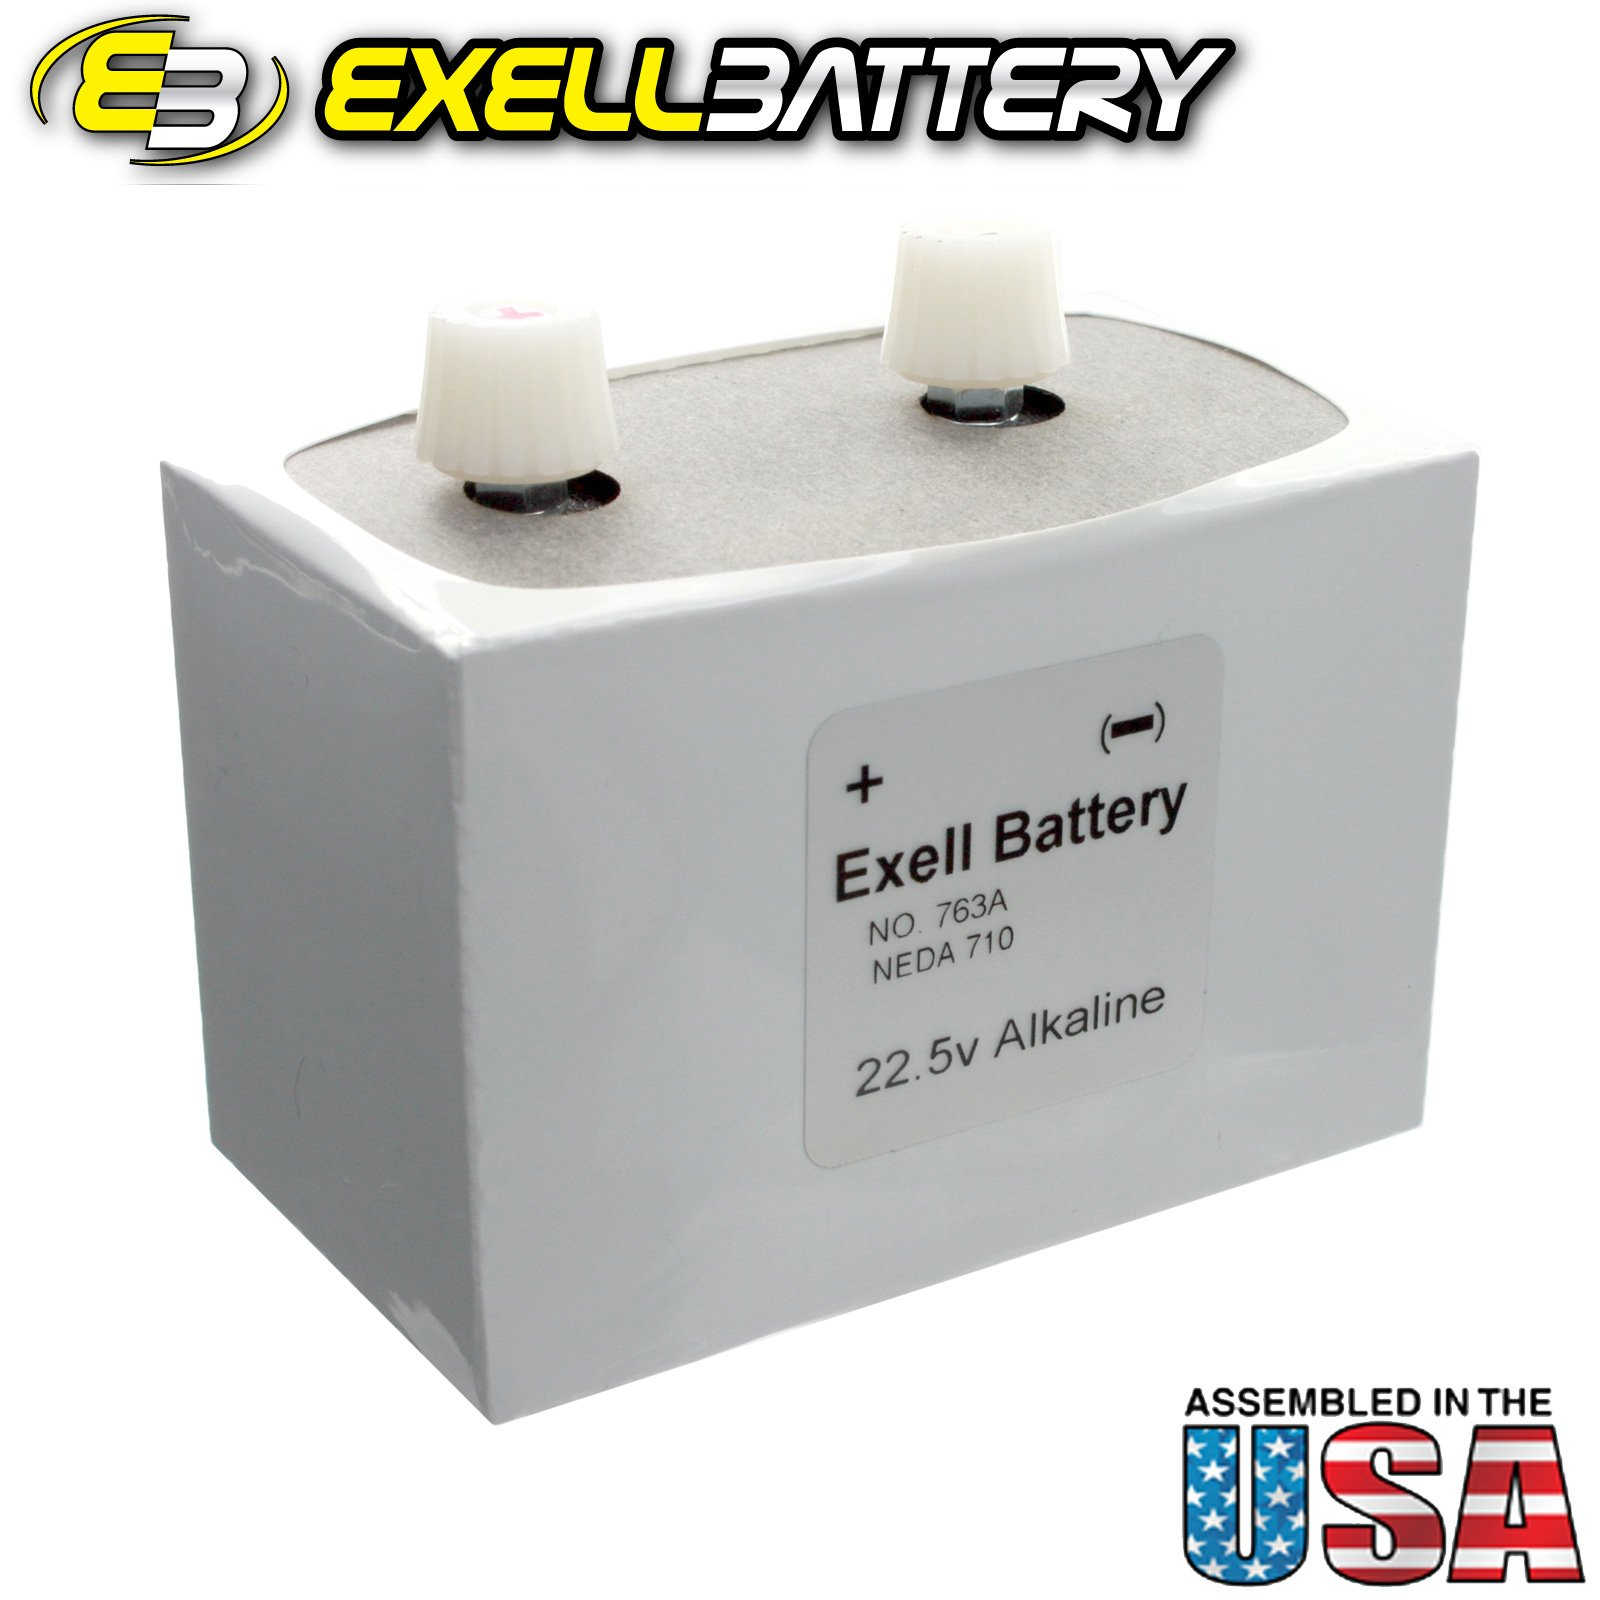 Exell Battery 763 Alkaline 22.5V, NEDA 710 Battery, Replaces ER763, White/Silver